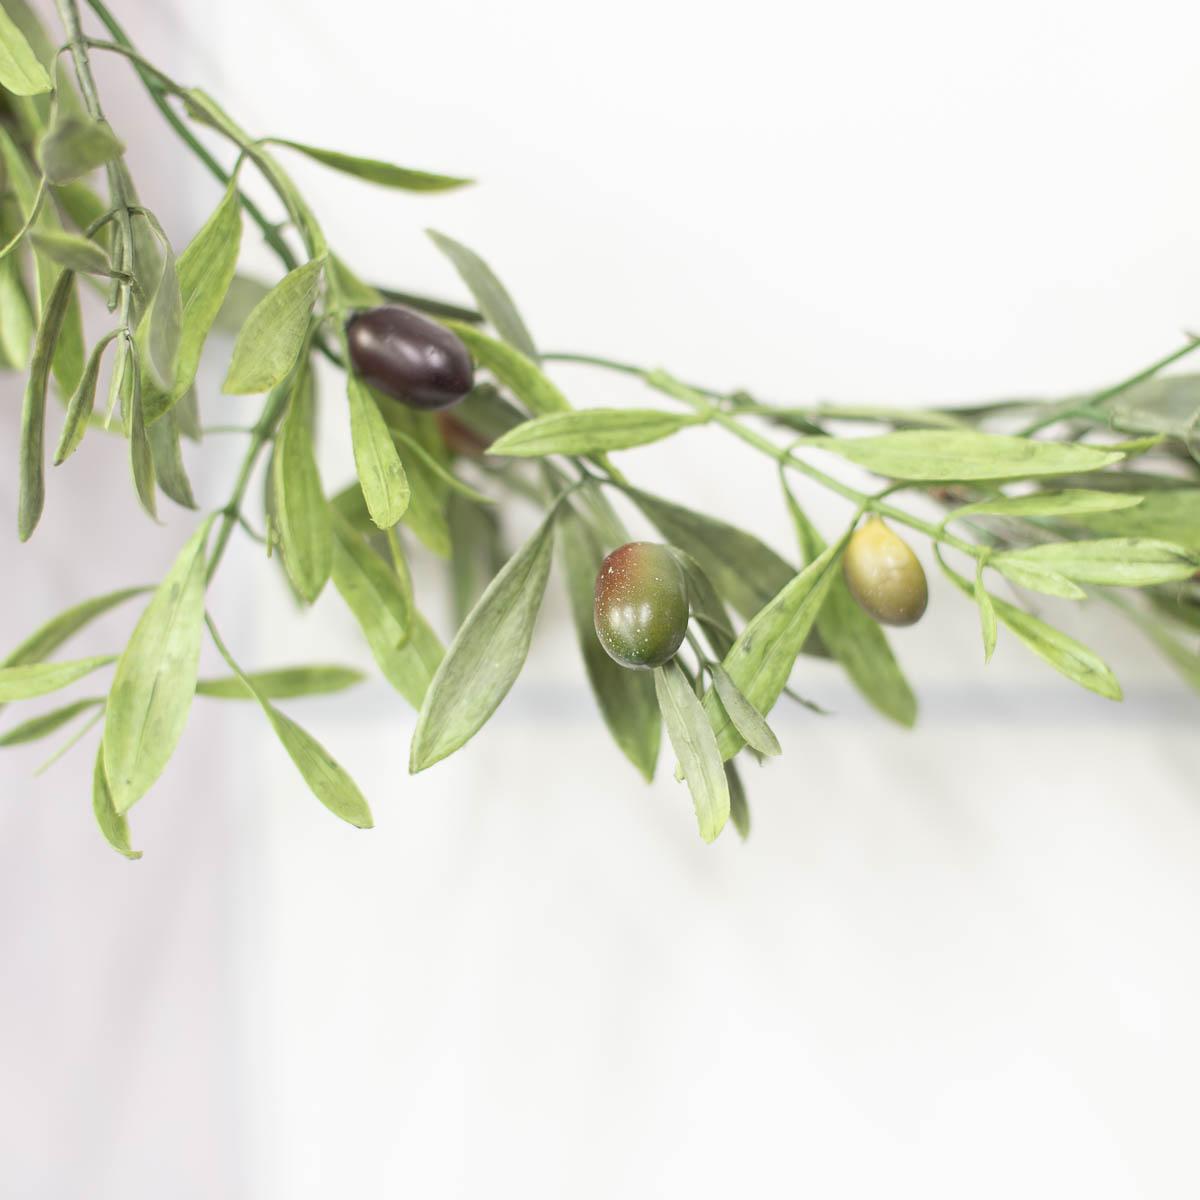 올리브 열매 디테일